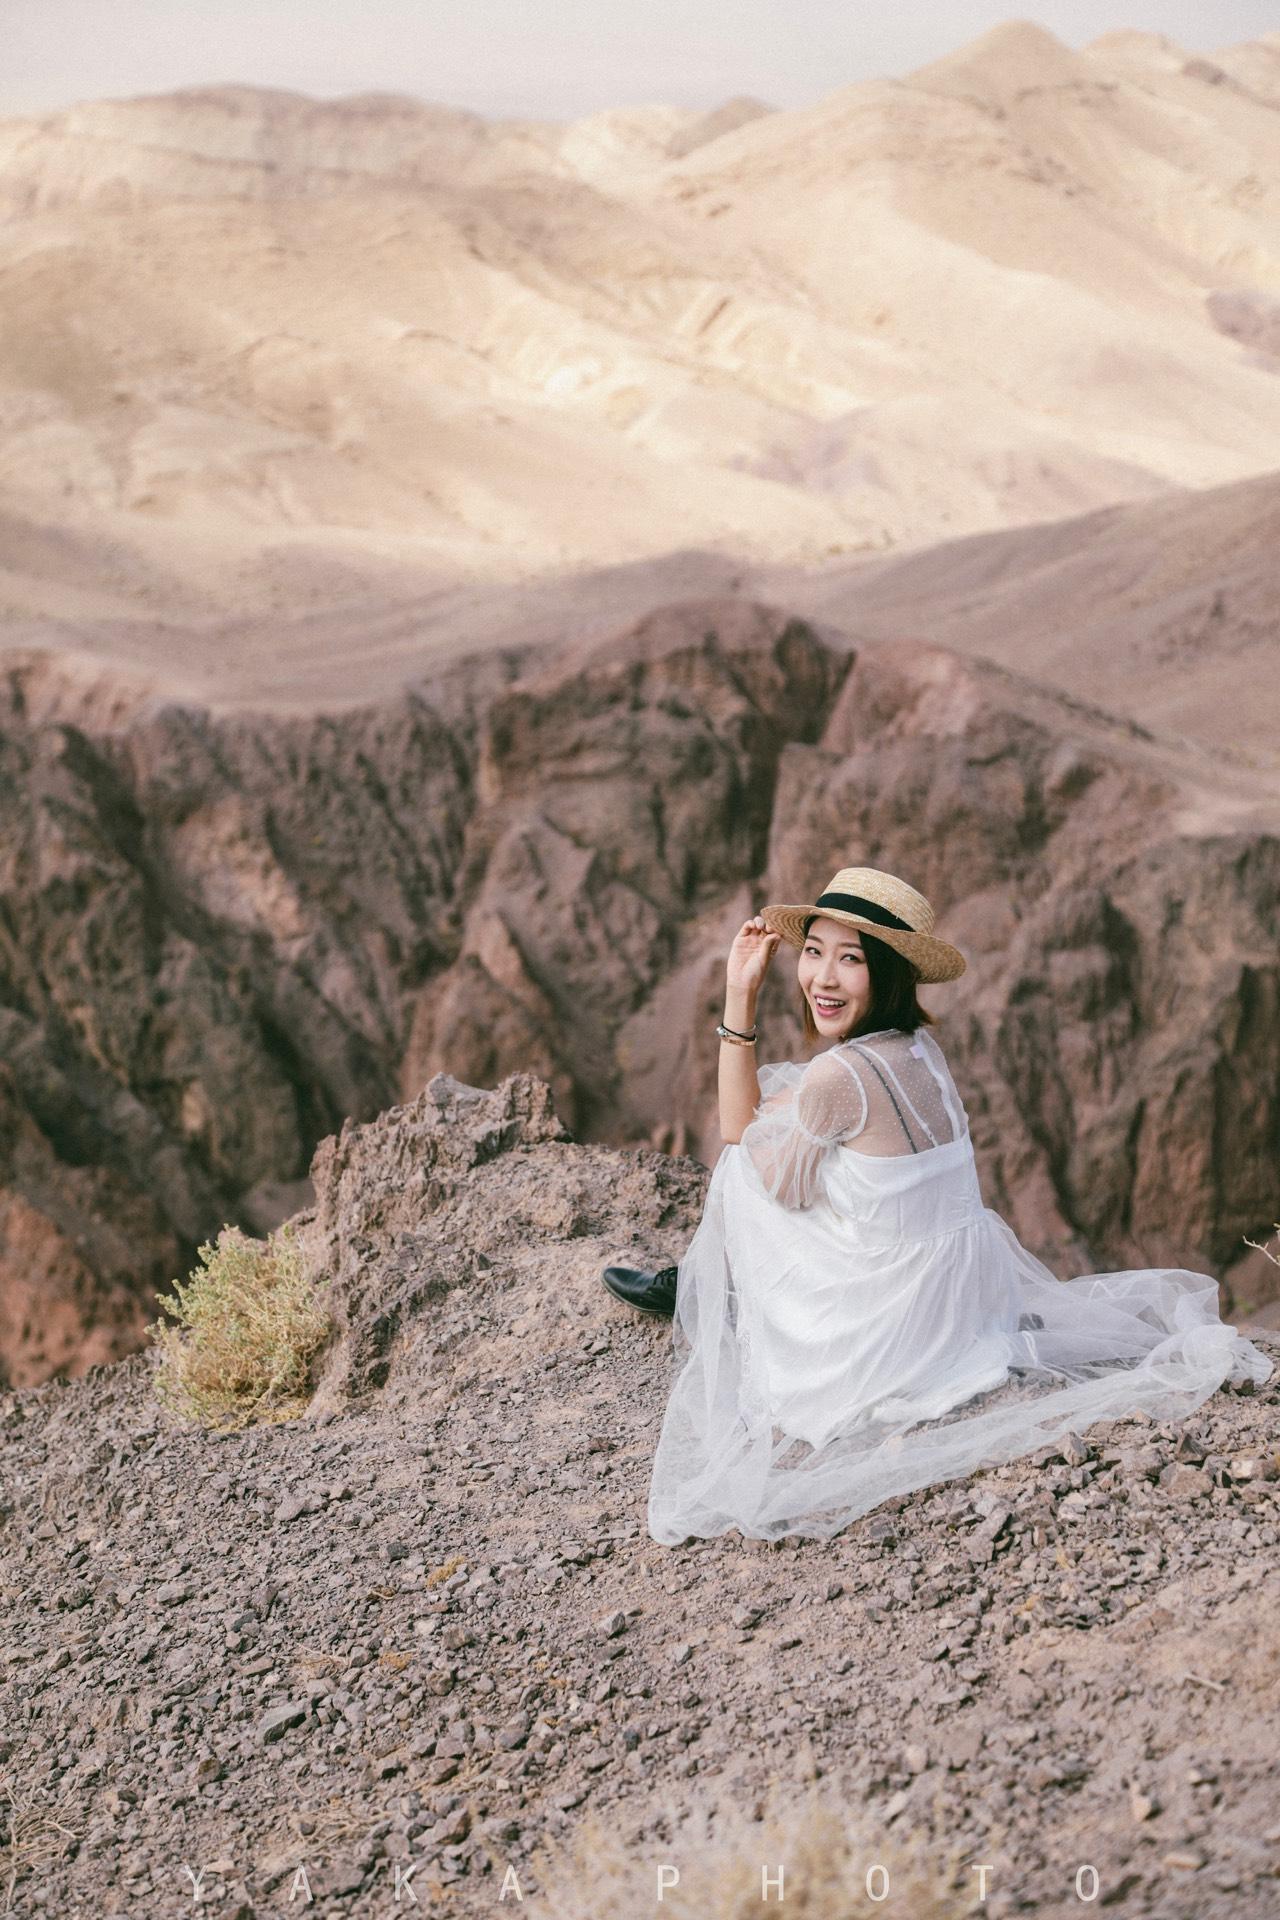 【旅行中的摄影师】跟着圣经去旅行,LP公布的2019年十大最佳旅行国家约旦怎么玩?